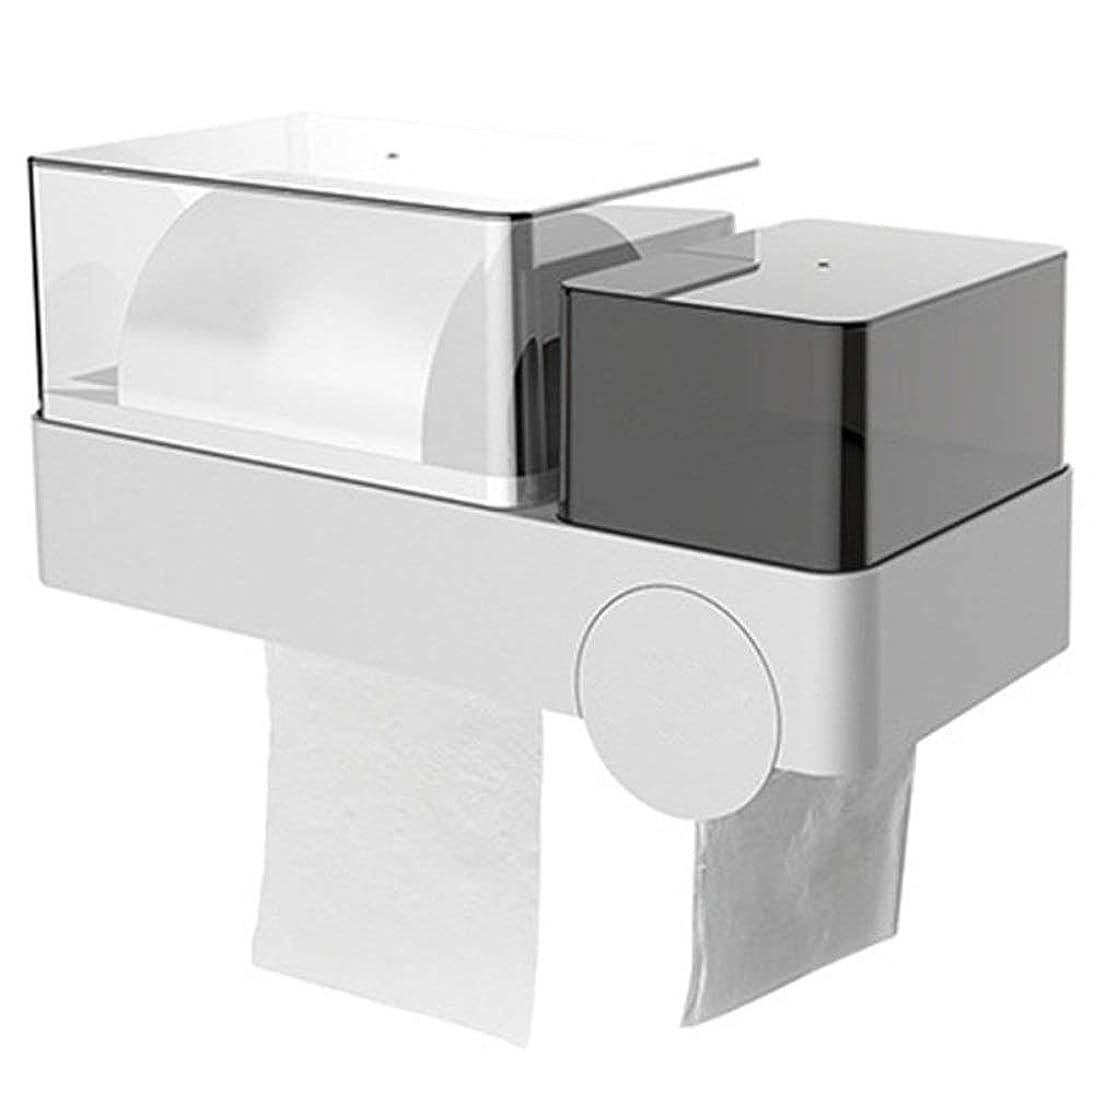 下向きテレビサバントティッシュボックス 防水トイレットペーパーホルダーカバーウォールは、プラスチックロールティッシュボックス吸盤マウント (Color : 白, Size : 1)